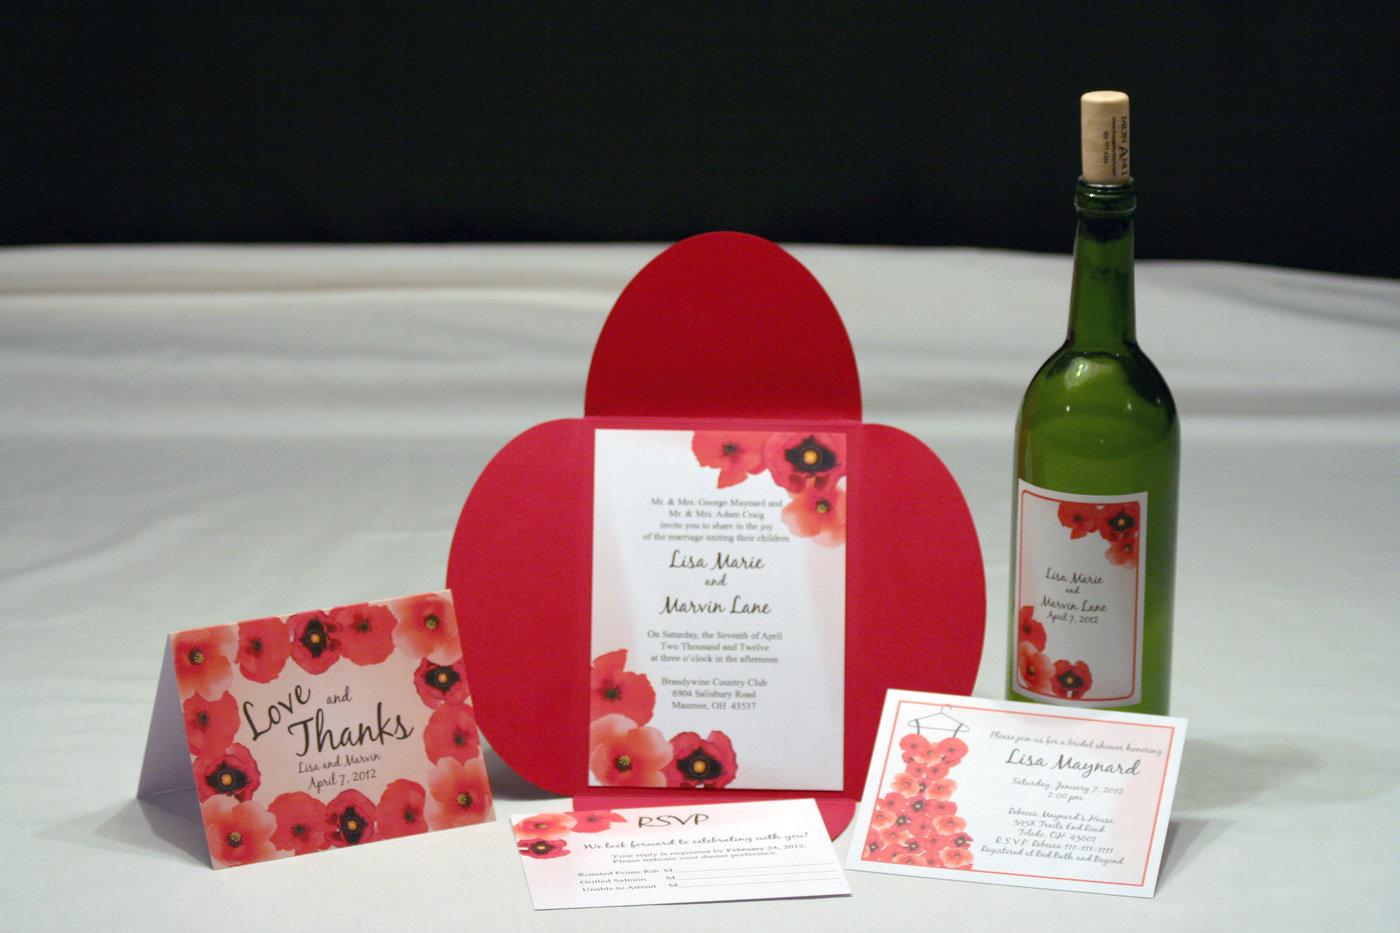 Wedding Designs by Joe Ortinau at Coroflot.com